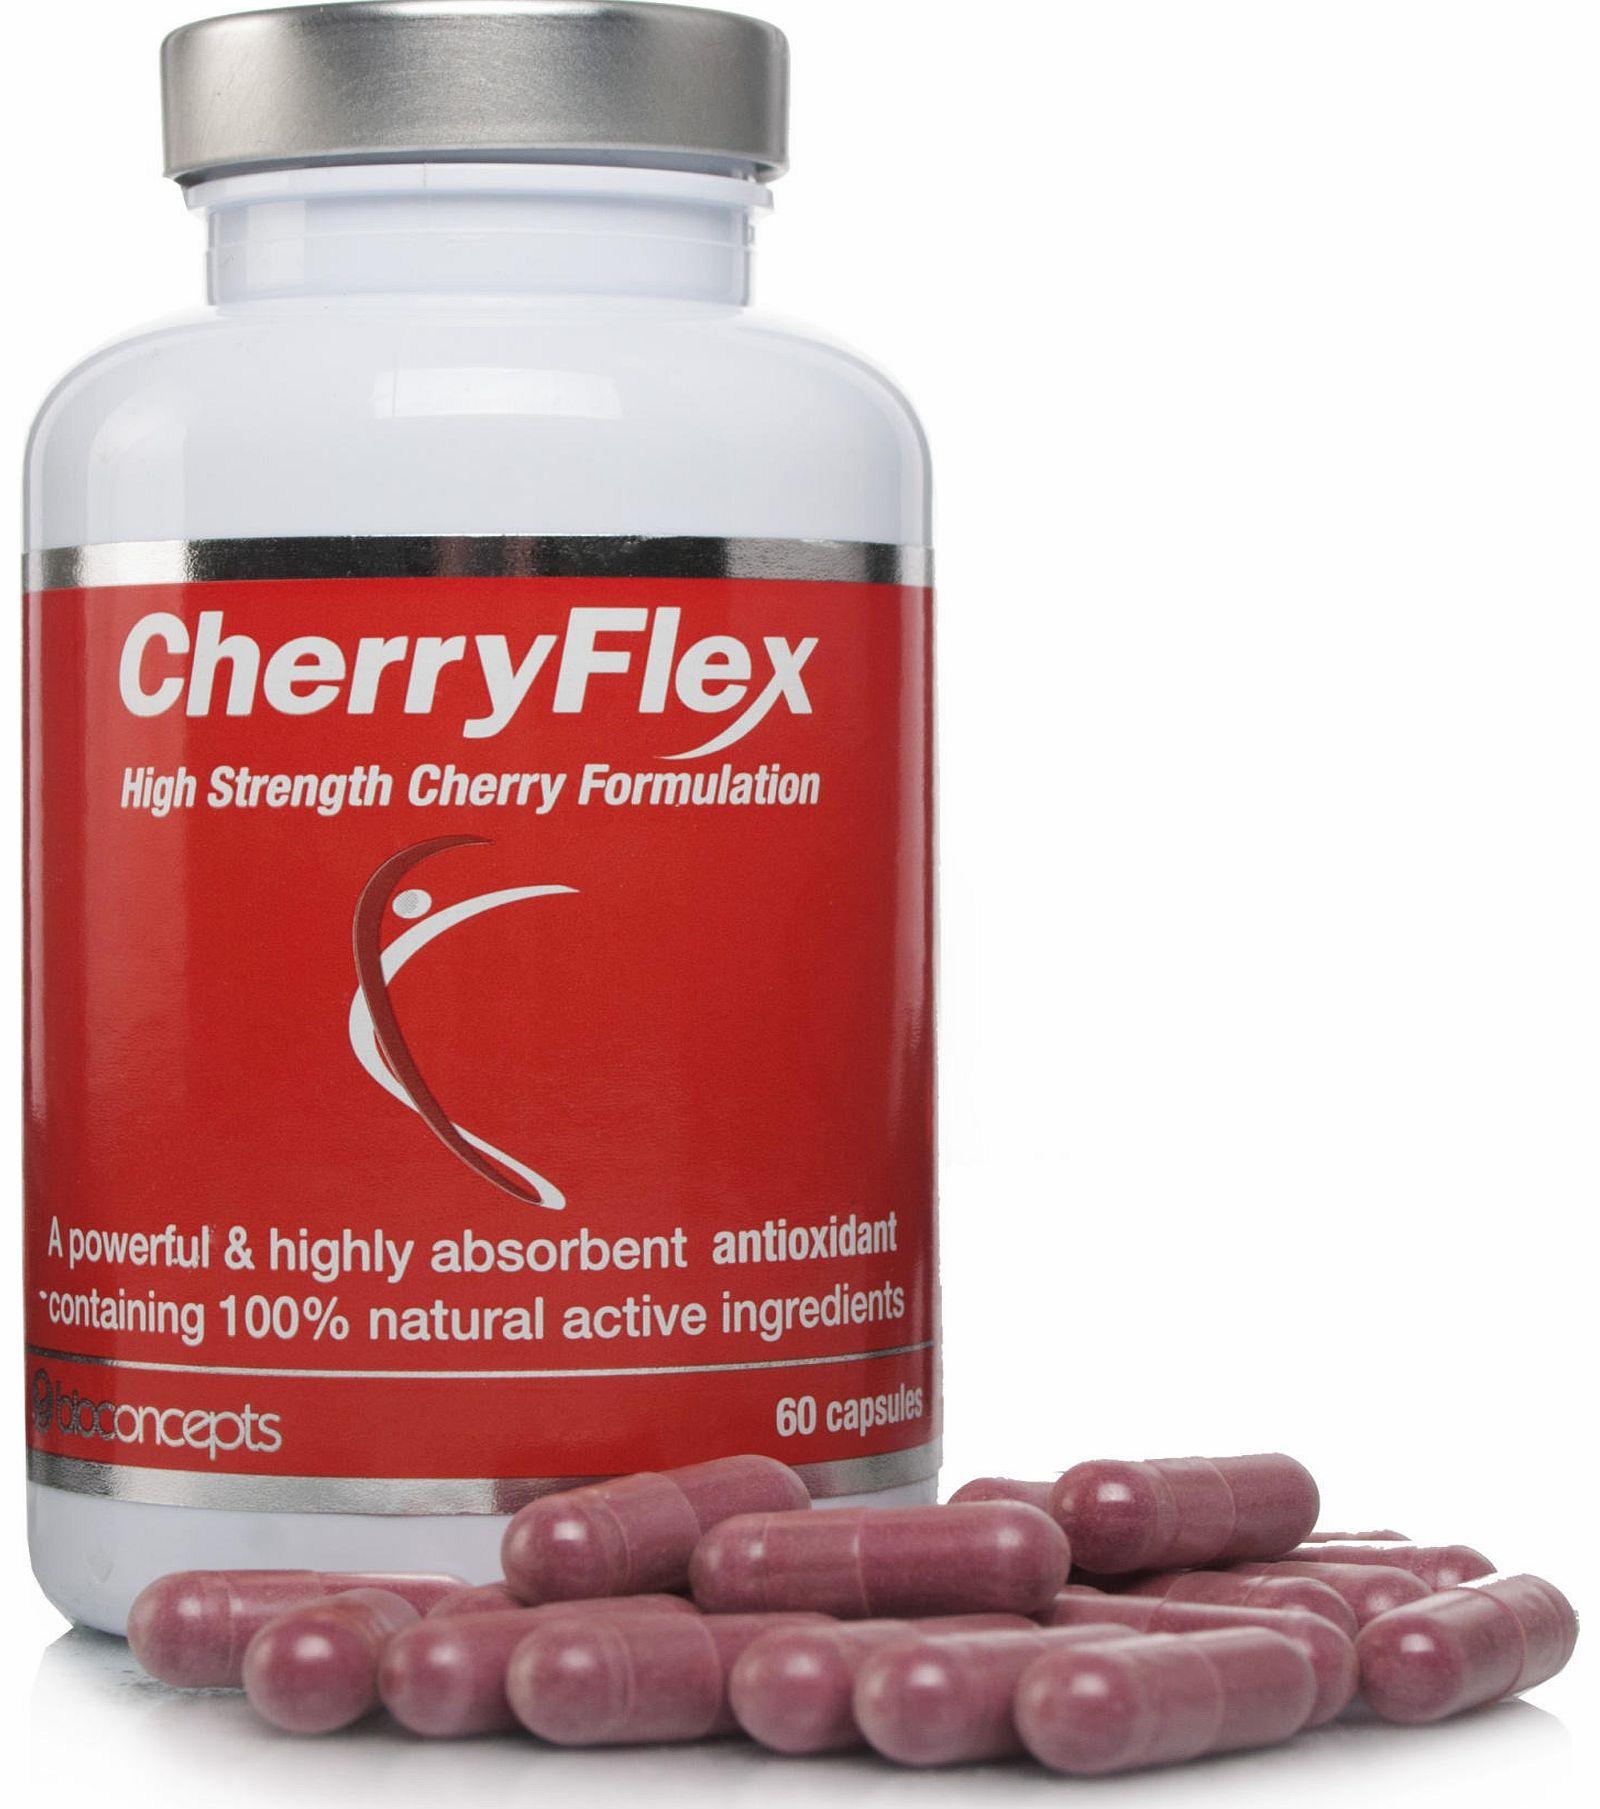 Cherryflex